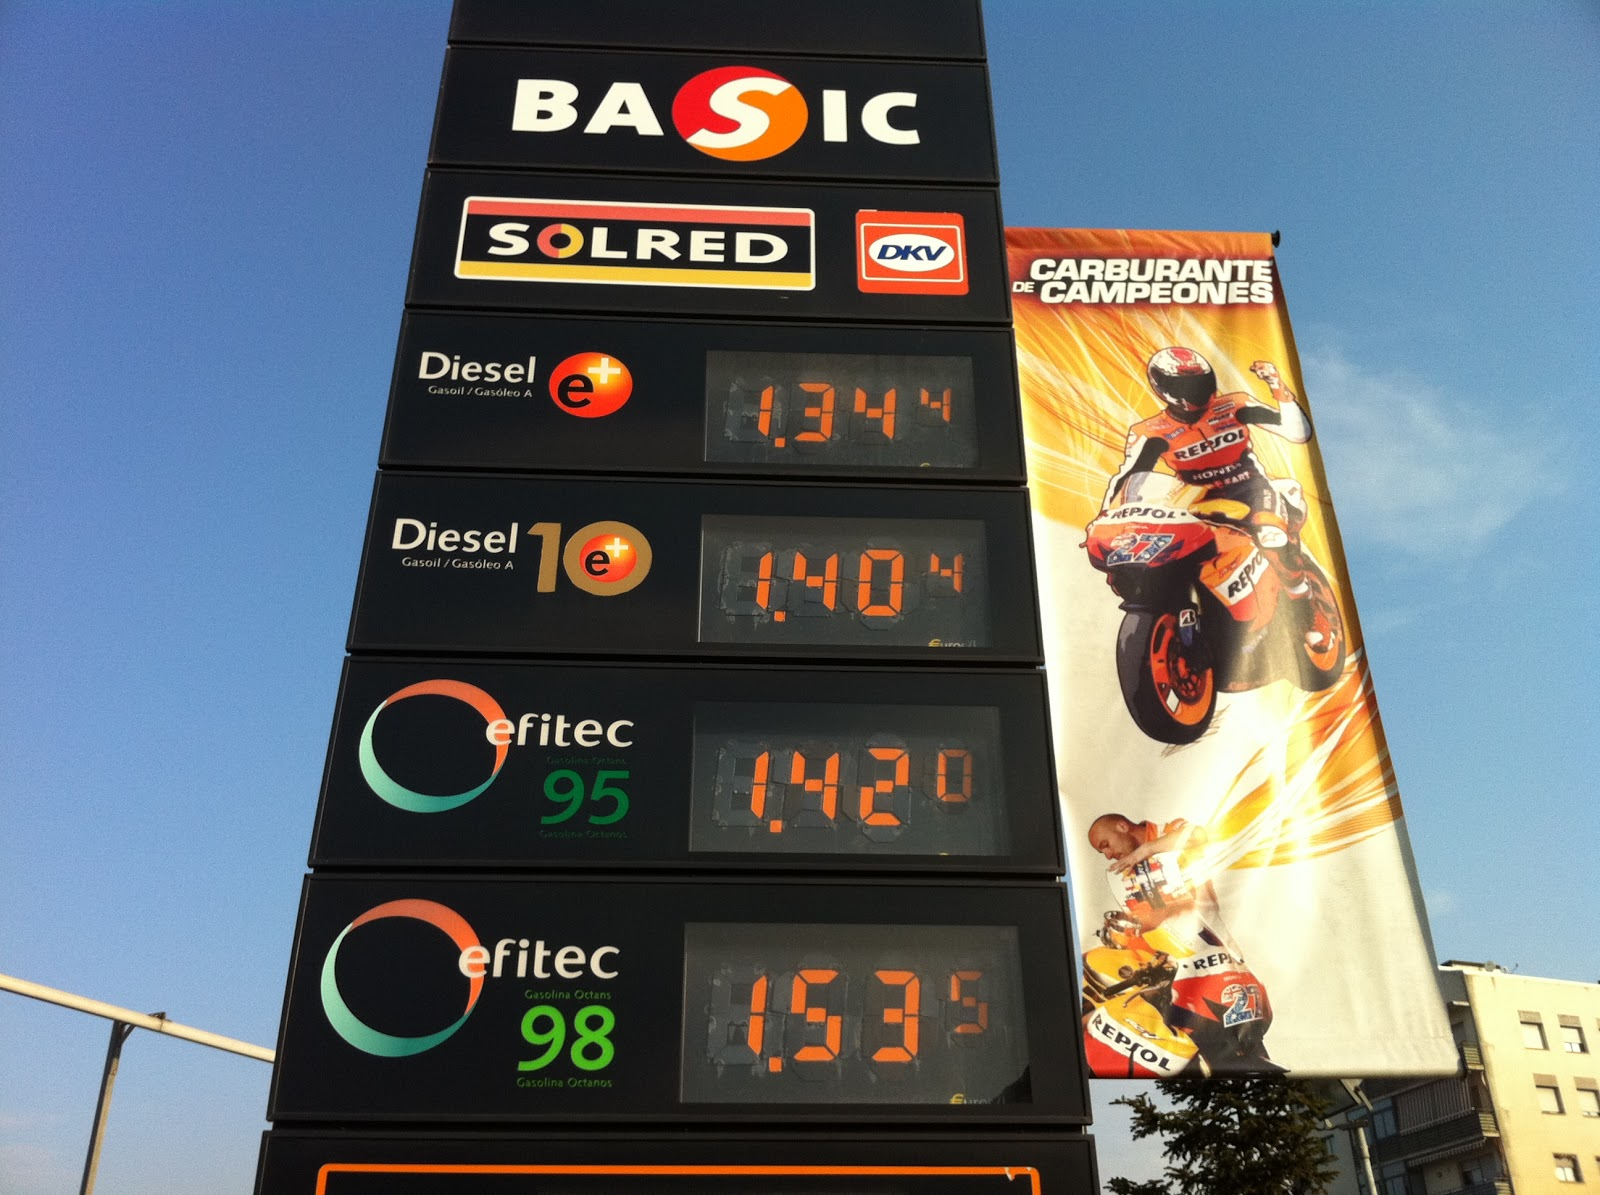 La norma del gasto de la gasolina el gas 53 y